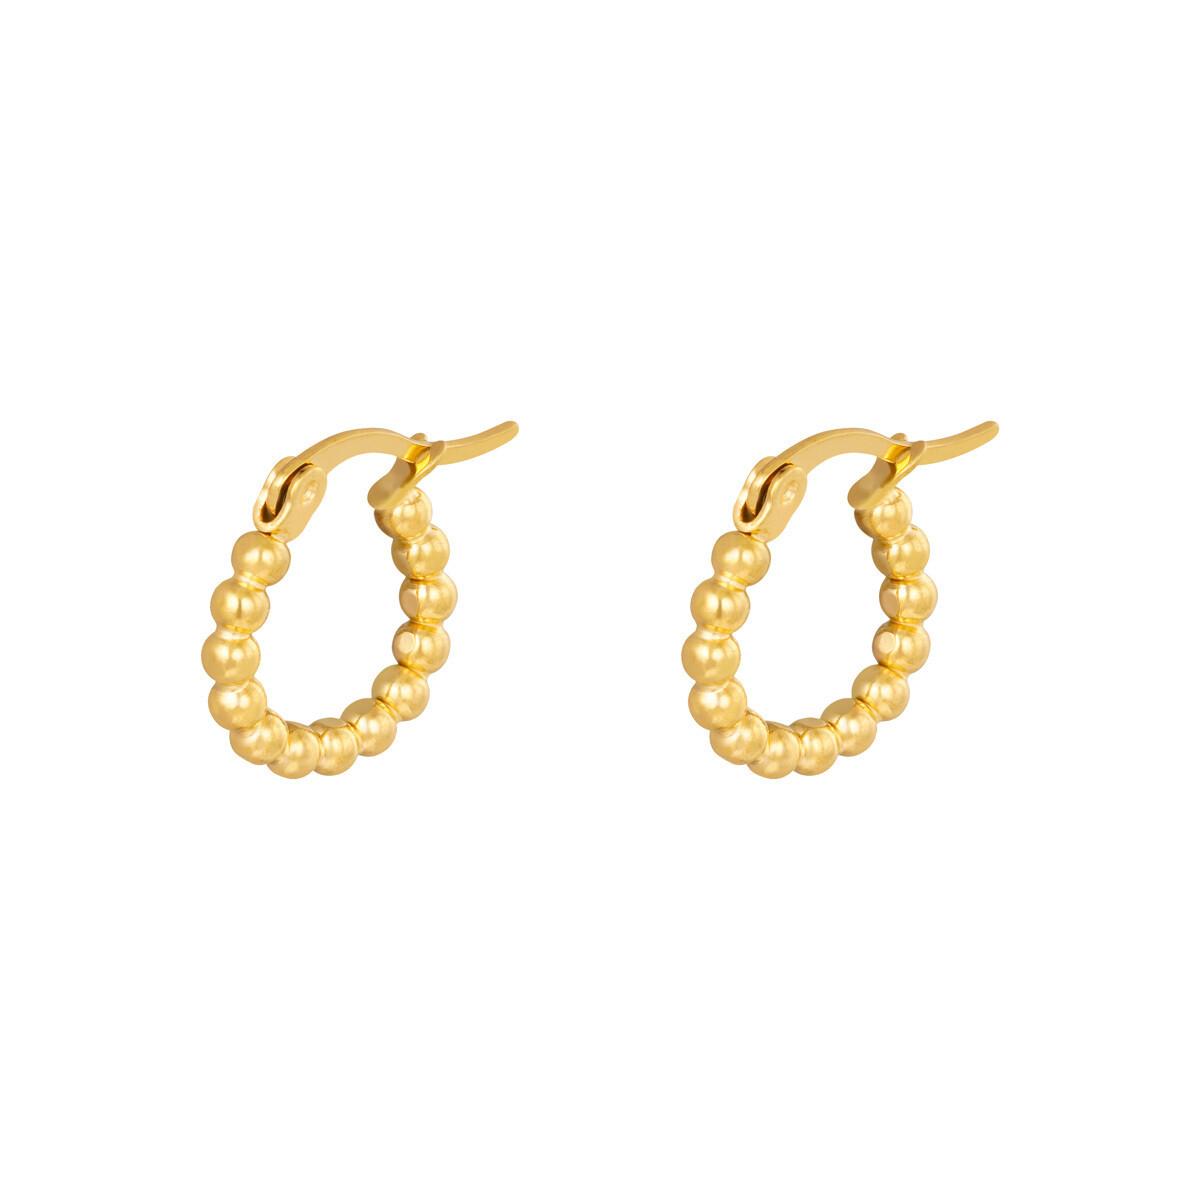 Beads oorringetjes goud 15mm stainless steel